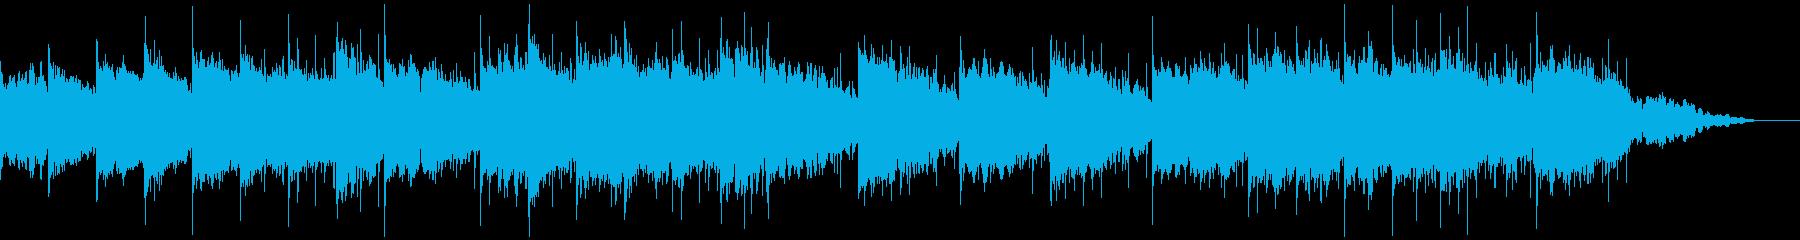 映像に広がりのあるギターアンビエントの再生済みの波形